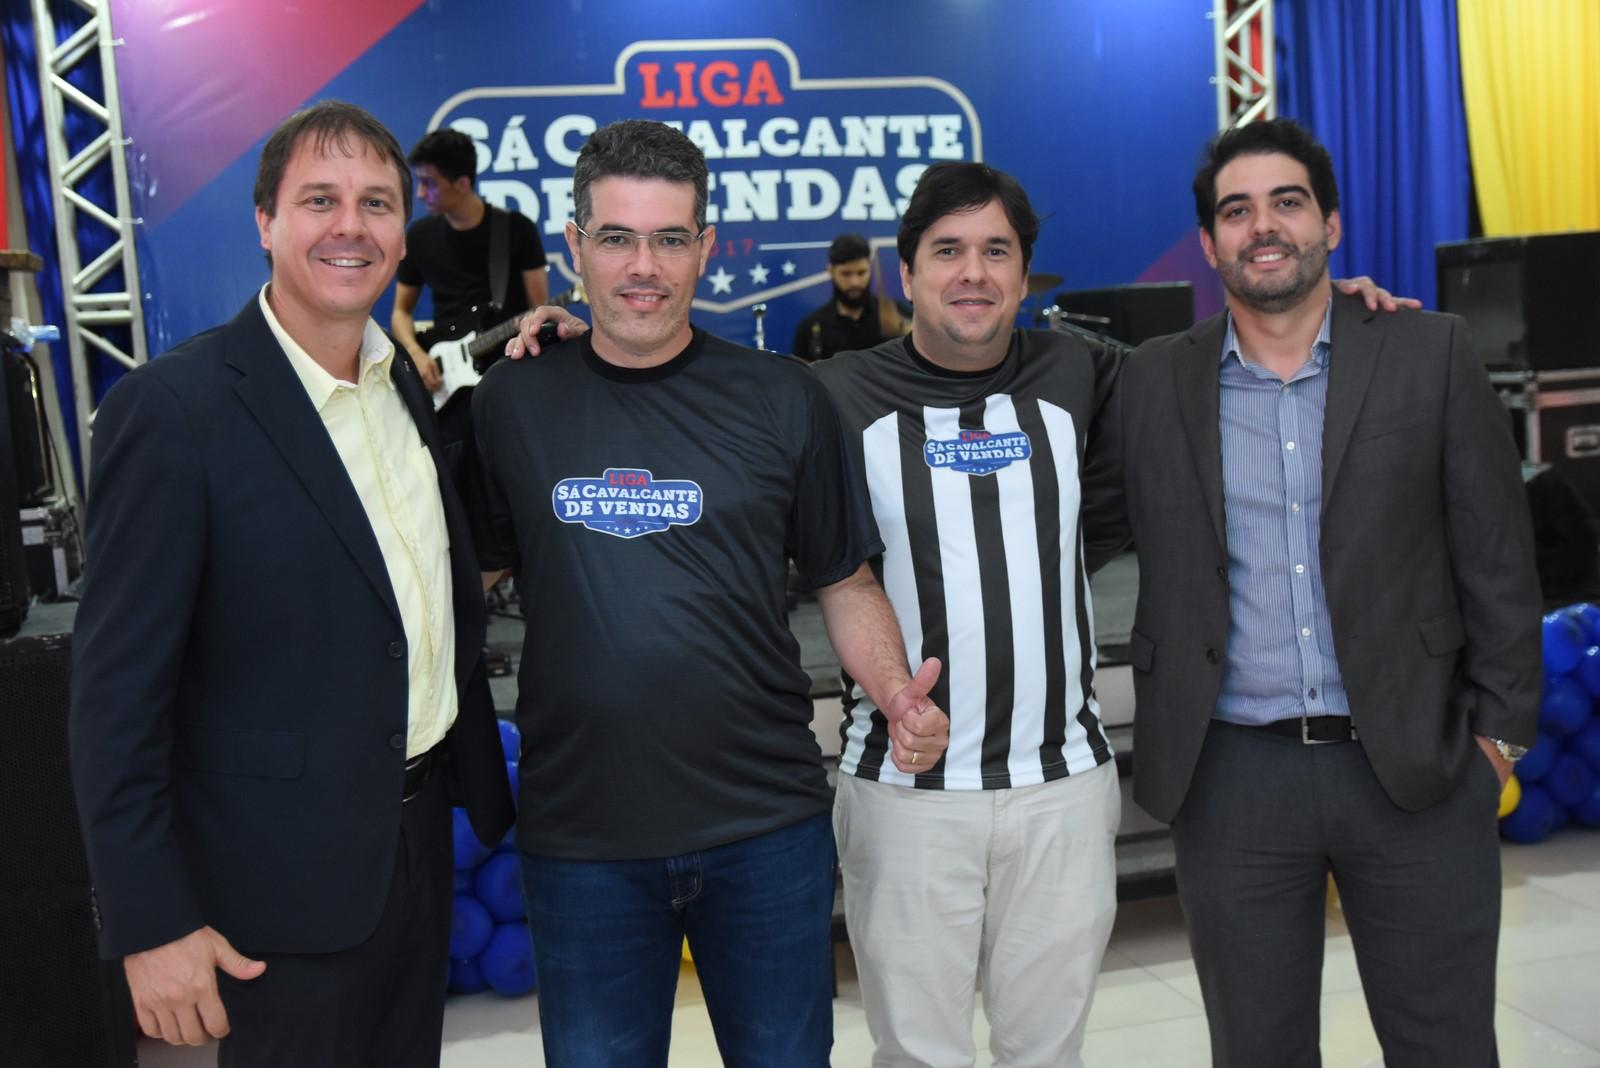 Maicolino Rodighero (Superintendente Regional do Banco do Brasil), Otacilio Alexandre (Superintendente Regional da Sá Cavalcante), Diego Freire (Gerente de Marketing e Vendas Sá